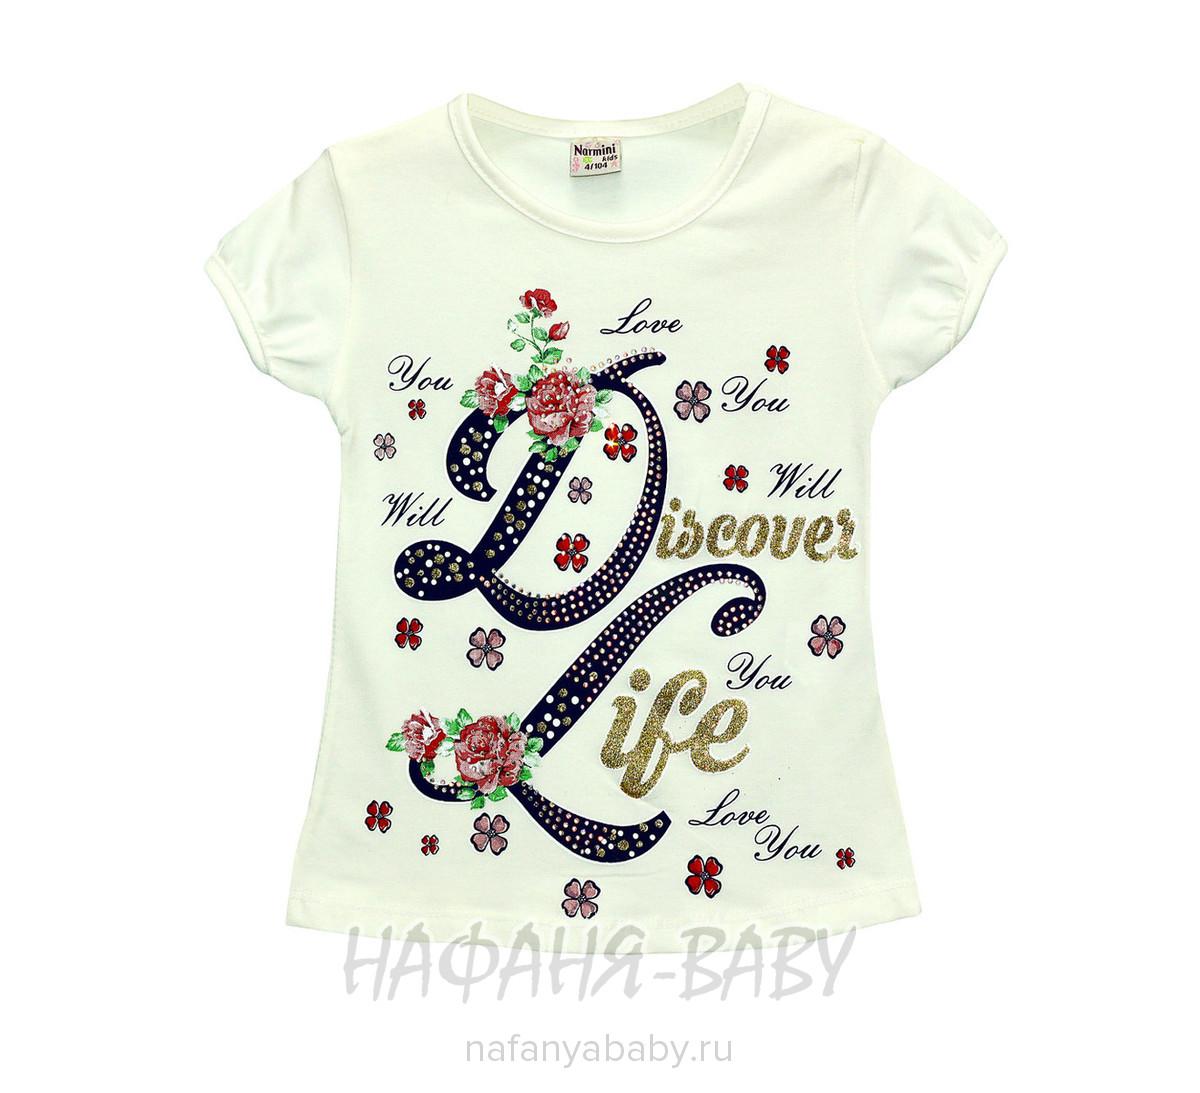 Детская футболка NARMINI арт: 5551, 5-9 лет, 1-4 года, цвет кремовый, оптом Турция